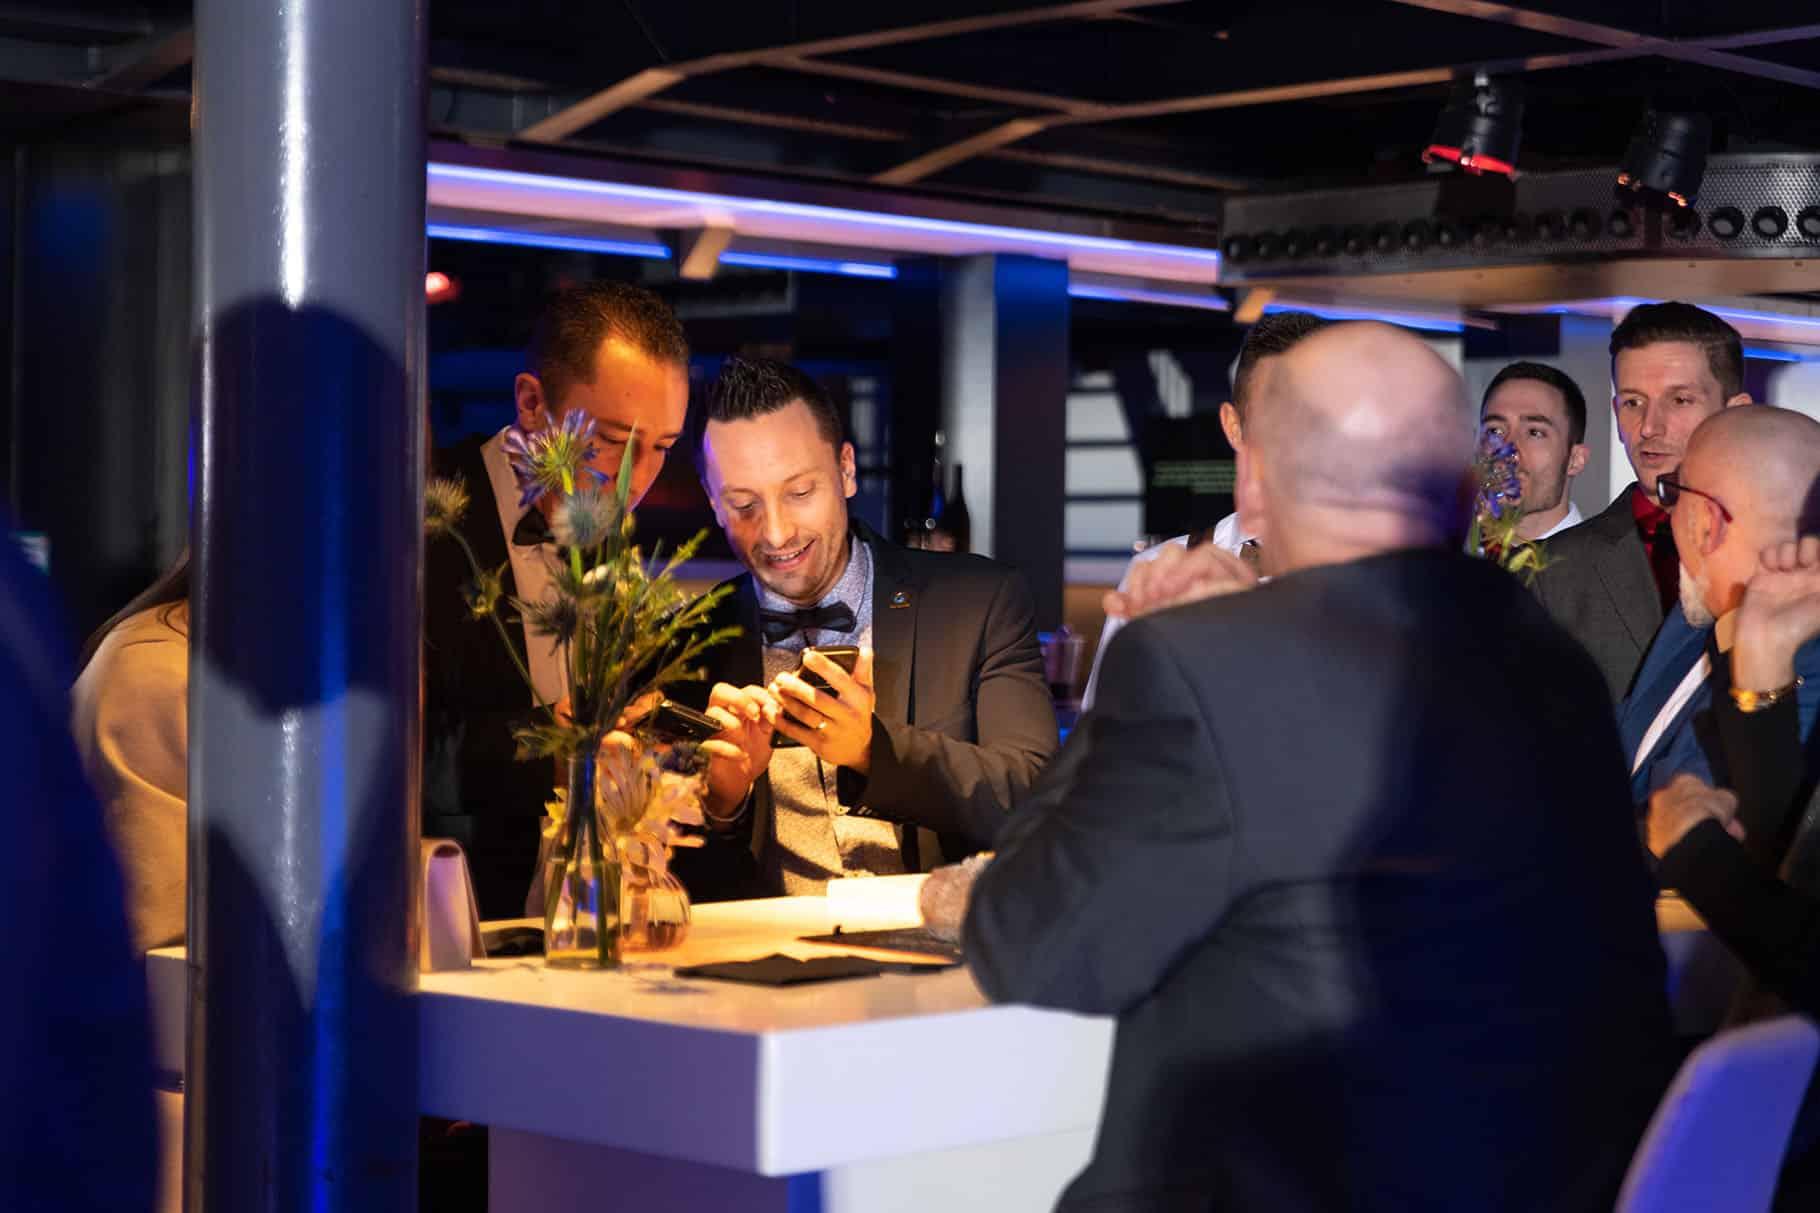 Croisière à Amsterdam organisée par So Event pour cette soirée de gala